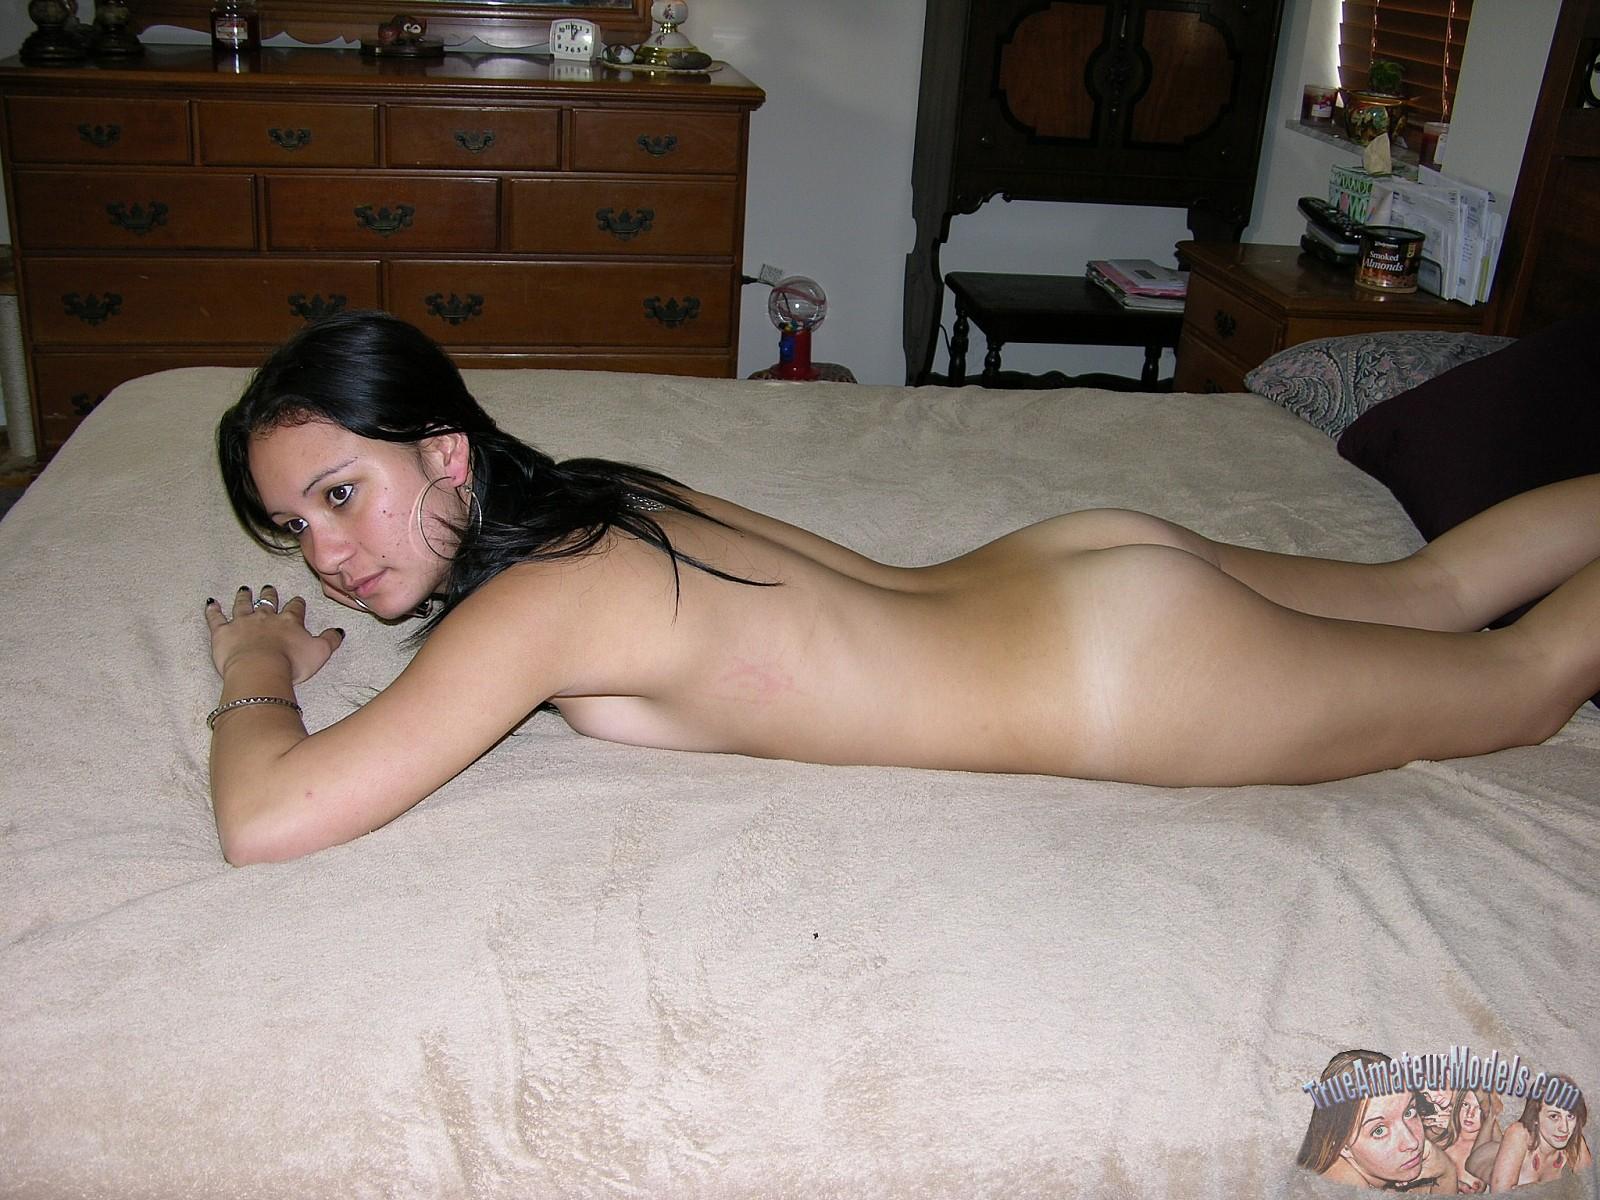 Good American nude girl n bed